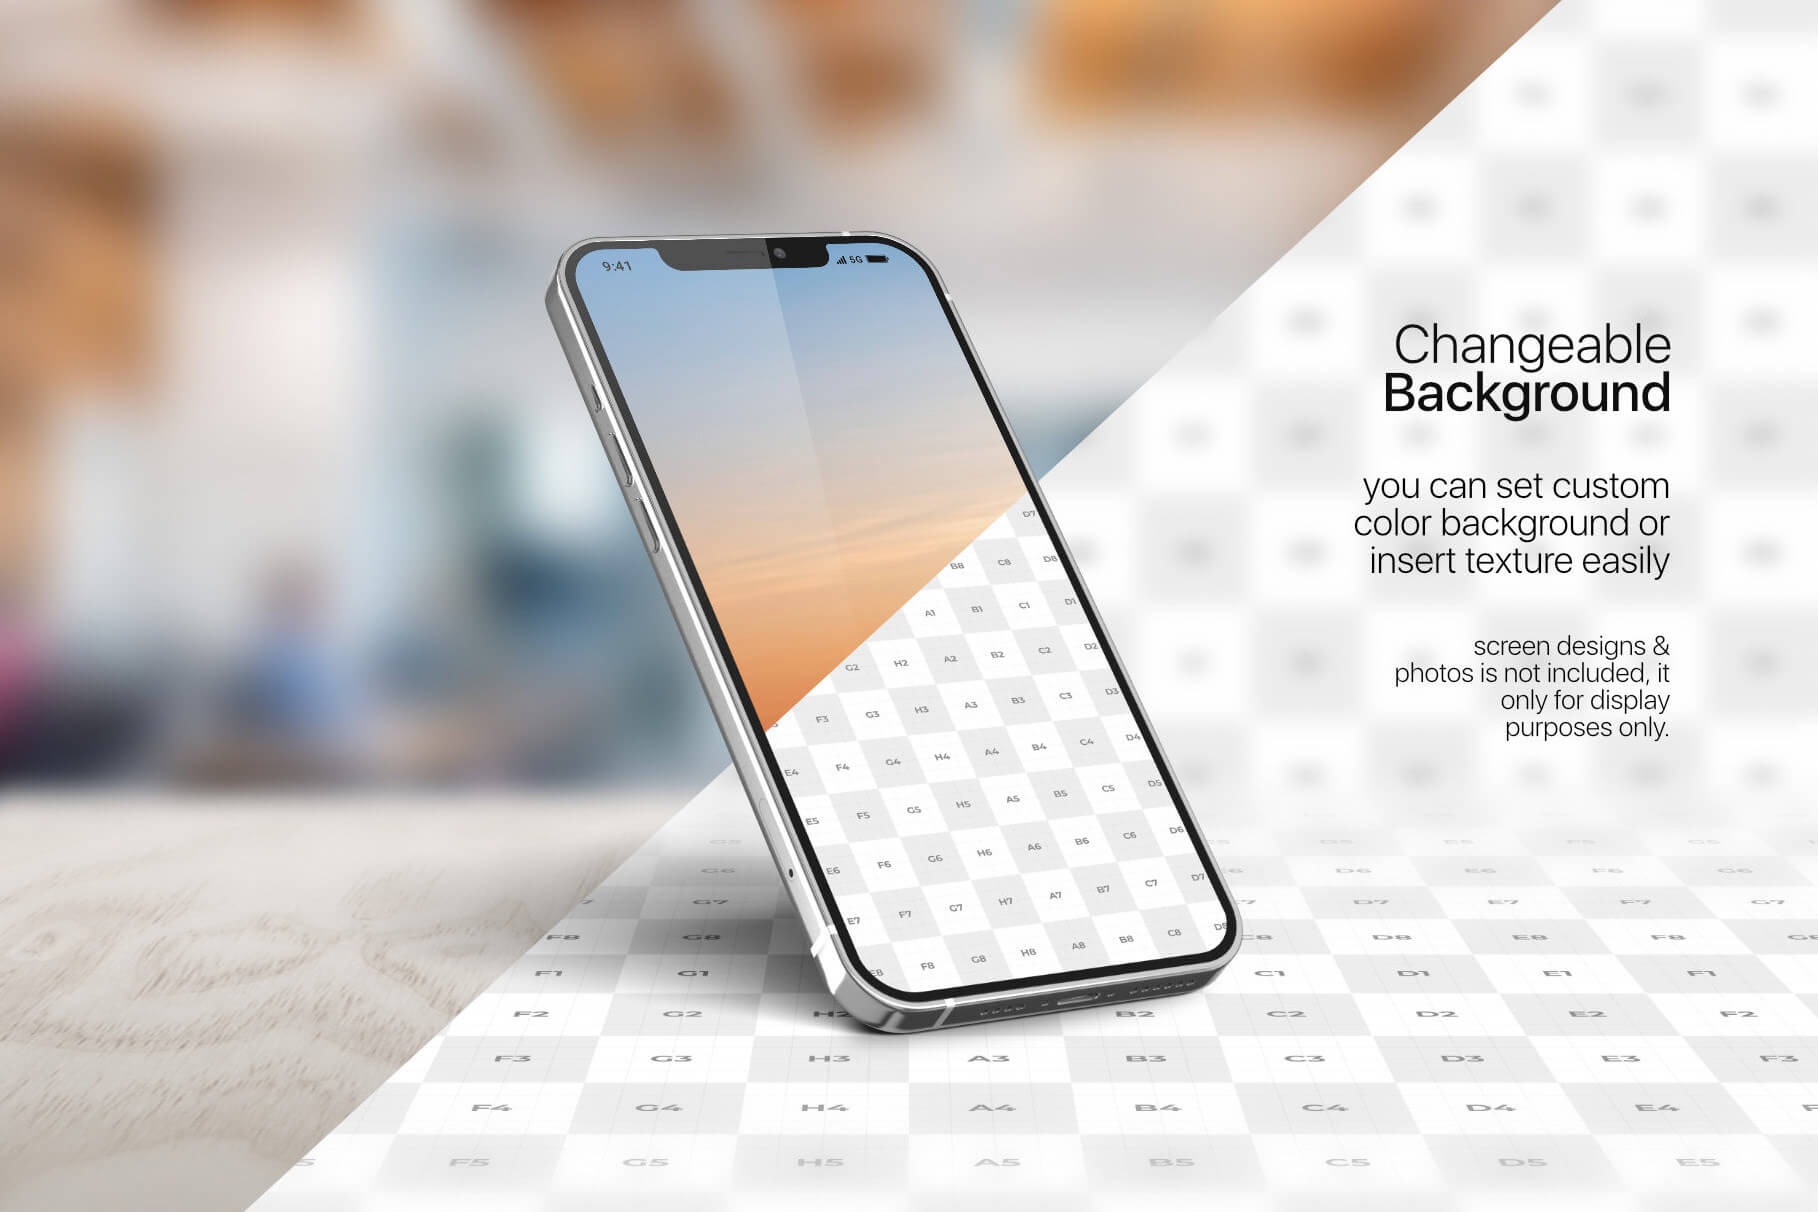 苹果手机12样机精致模版手机多角度展示模版素材iPhone 12 Pro Max Mockup V.01插图(3)